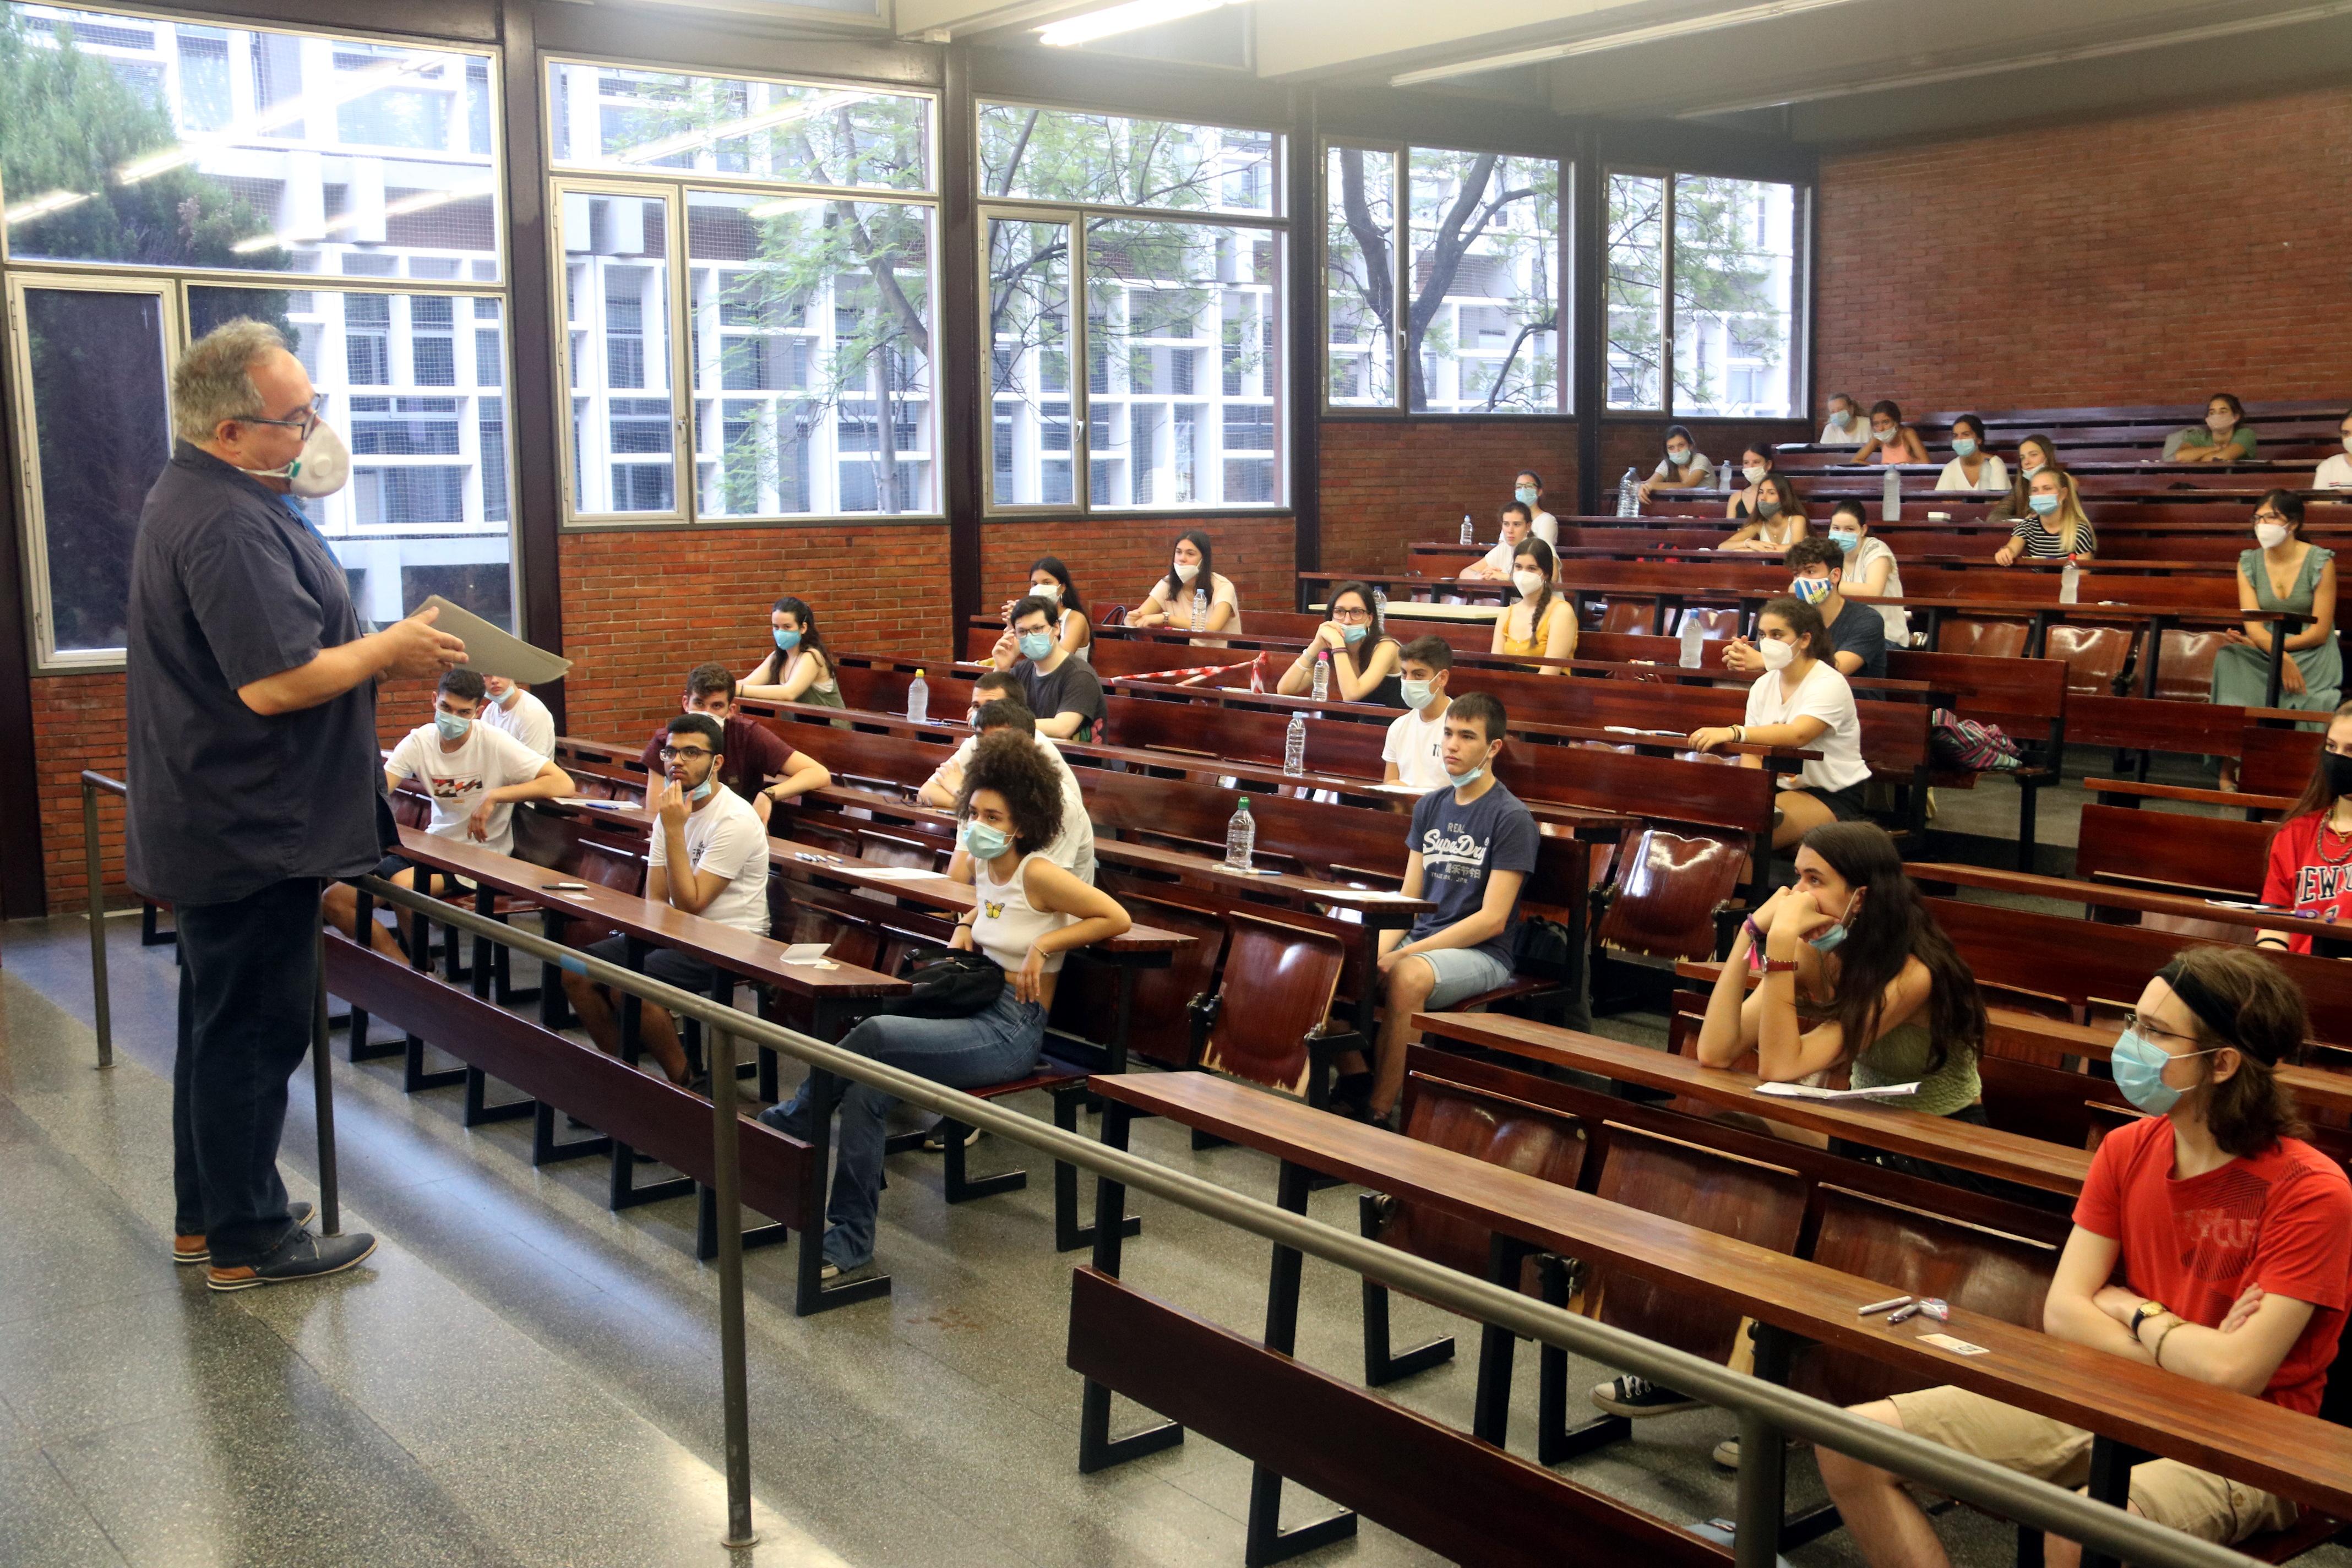 Prop de 40.000 estudiants del batxillerat marcat per la pandèmia comencen la selectivitat aquest dimarts